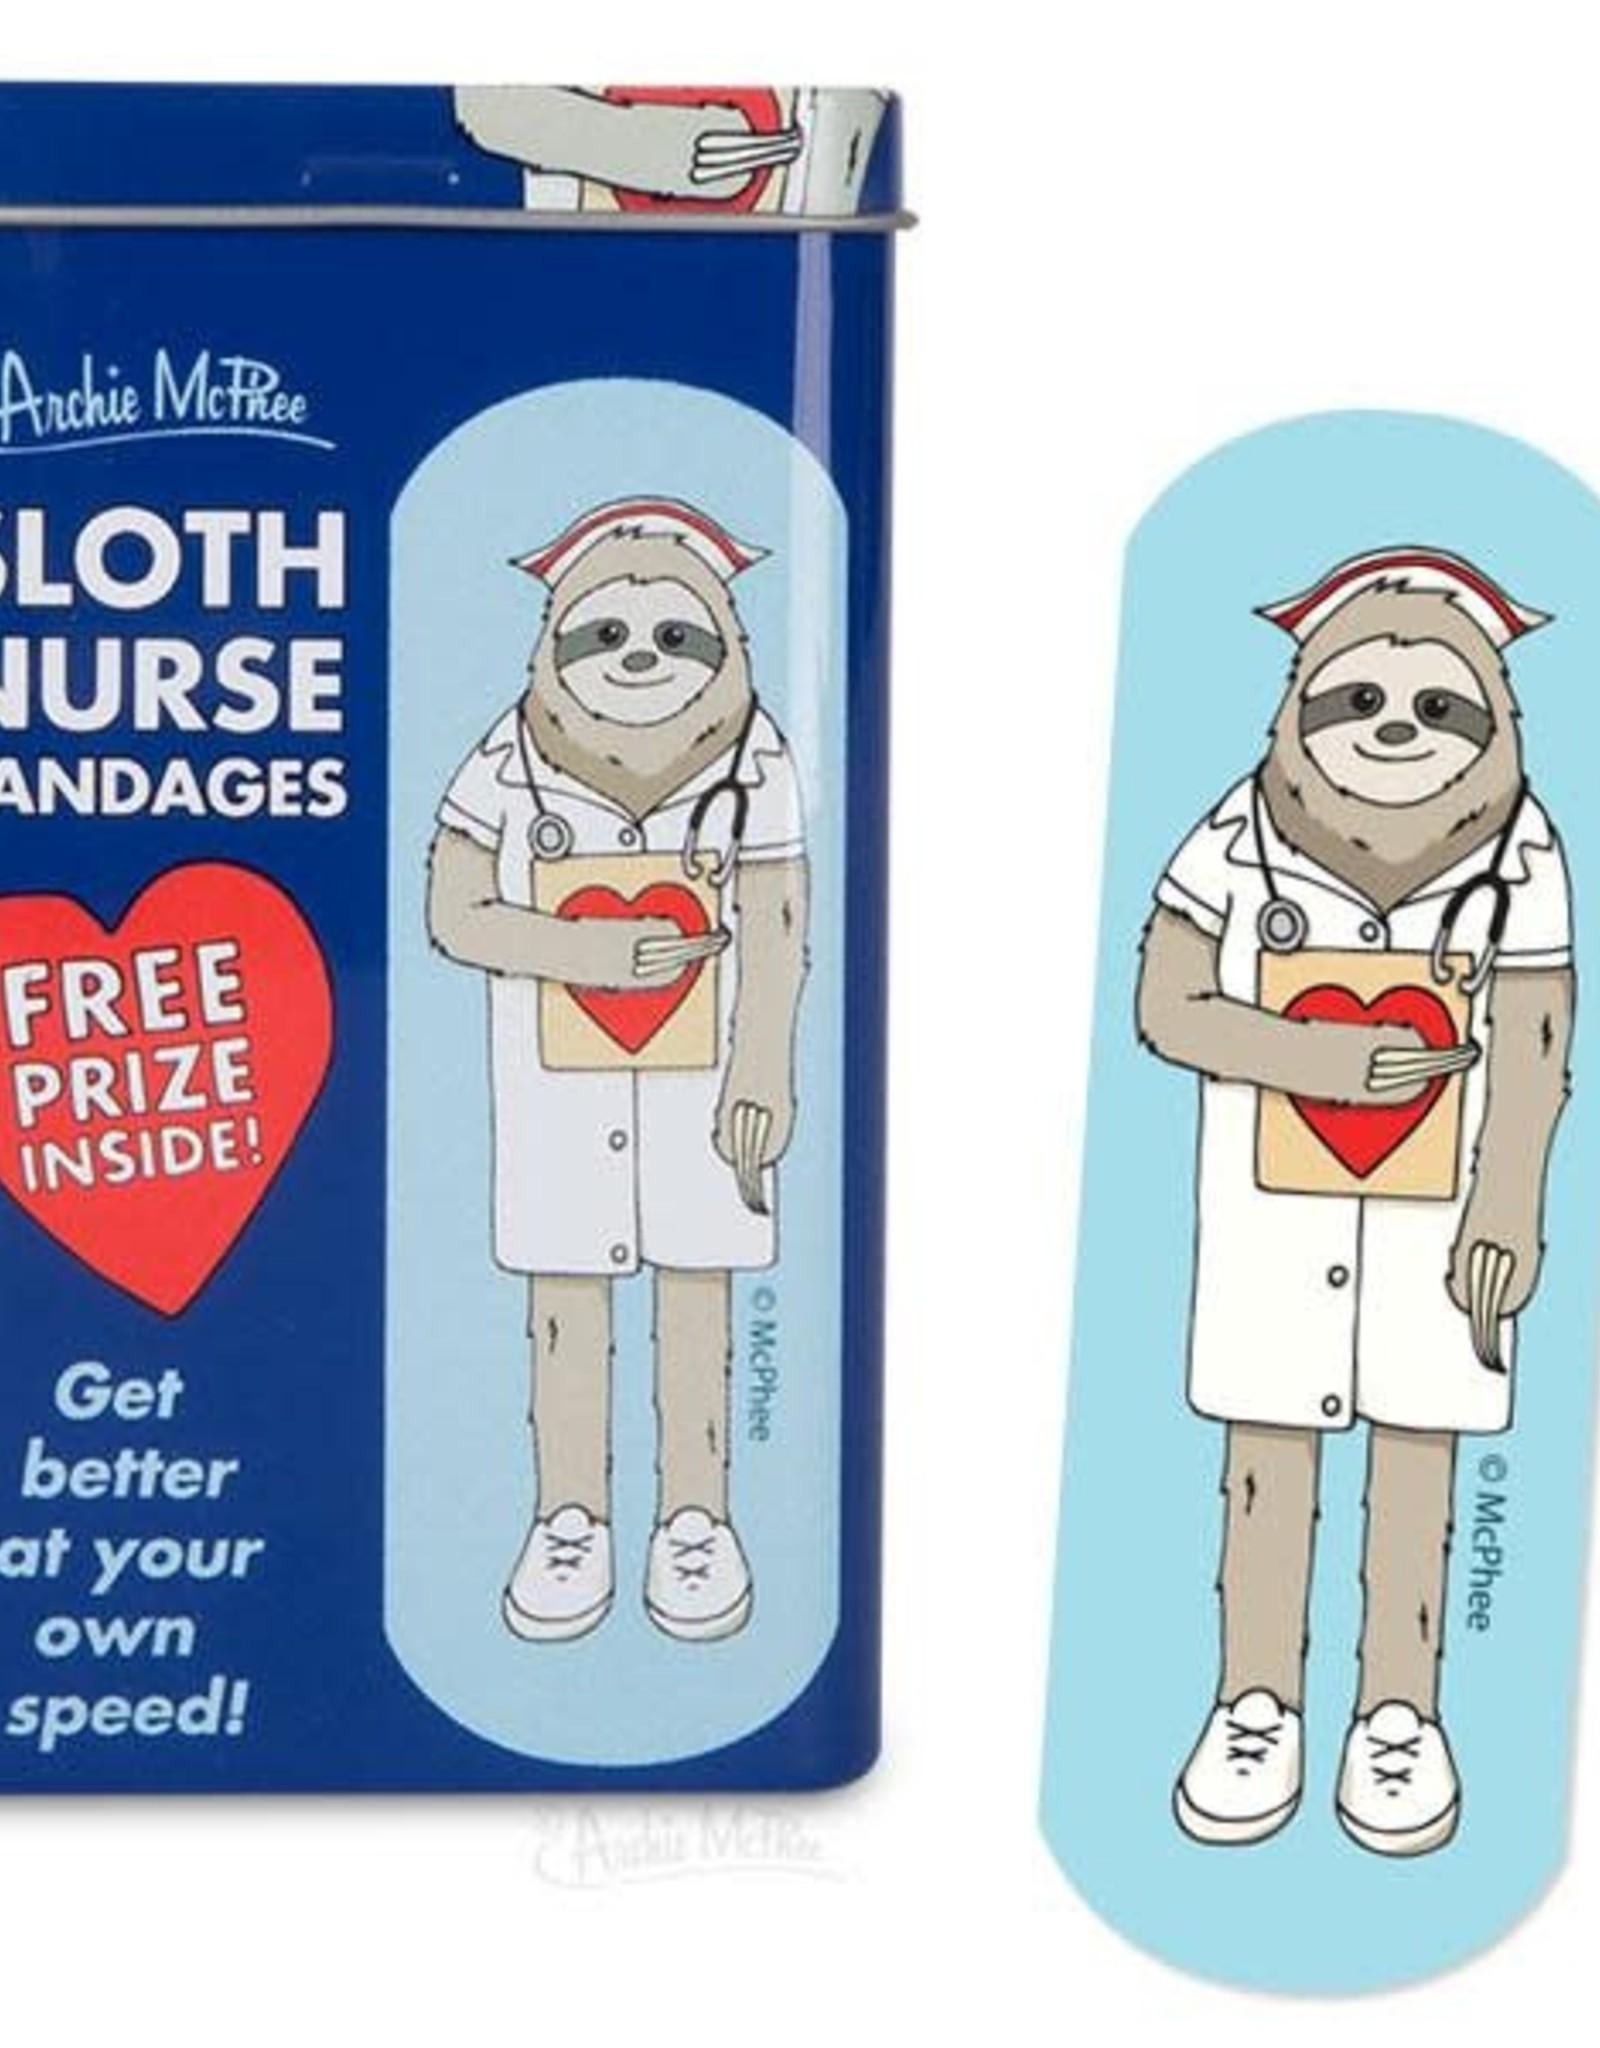 Archie McPhee Bandage Sloth Nurse